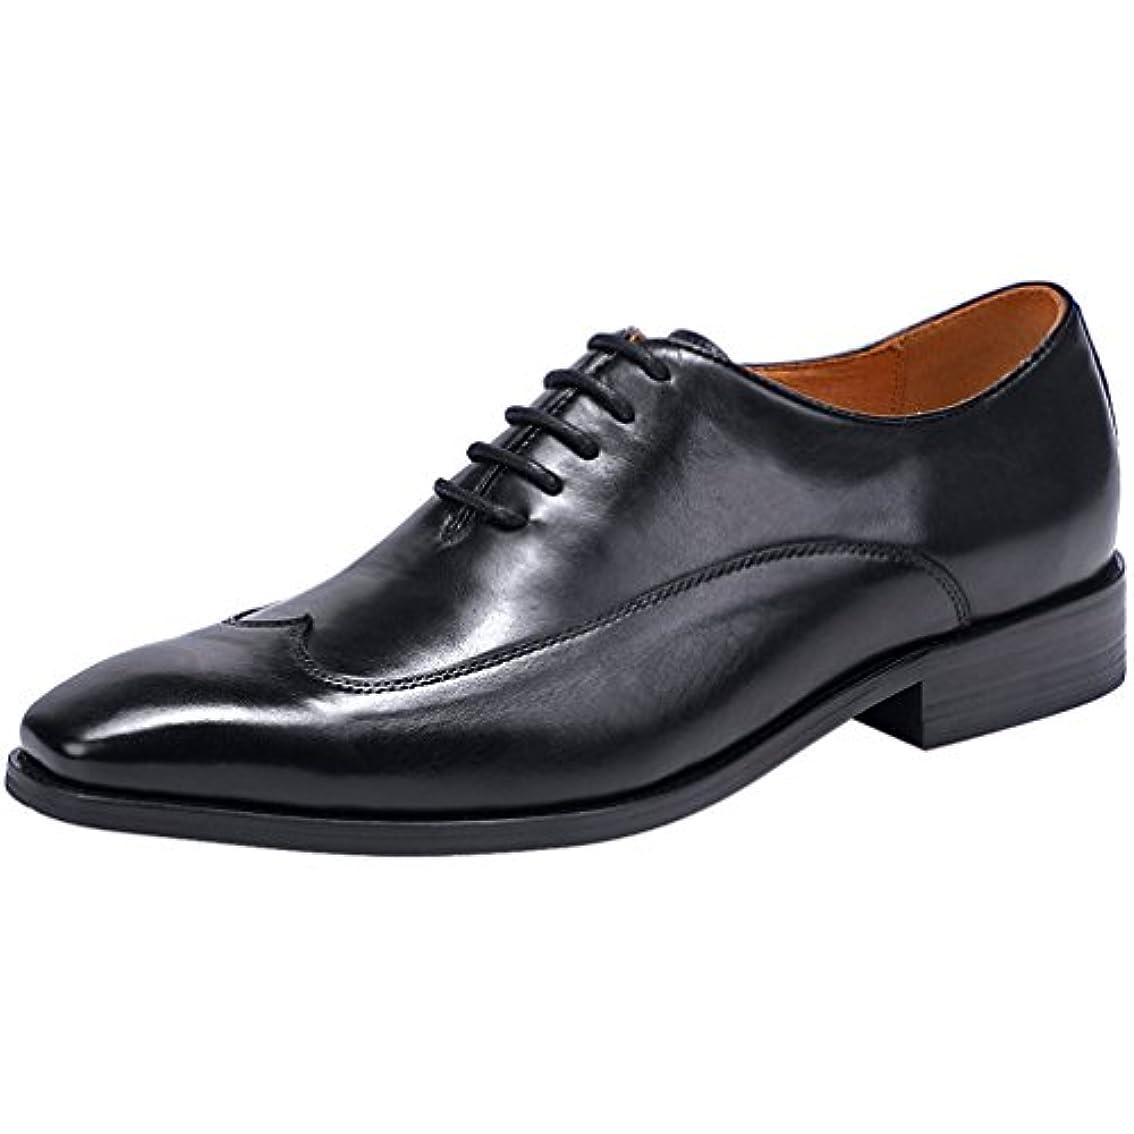 肺遠洋の声を出してWEWIN ビジネスシューズ 紳士靴 メンズ 内羽根 革靴 本革 サドルシューズ 結婚式 フォーマル 高品質 ファッション